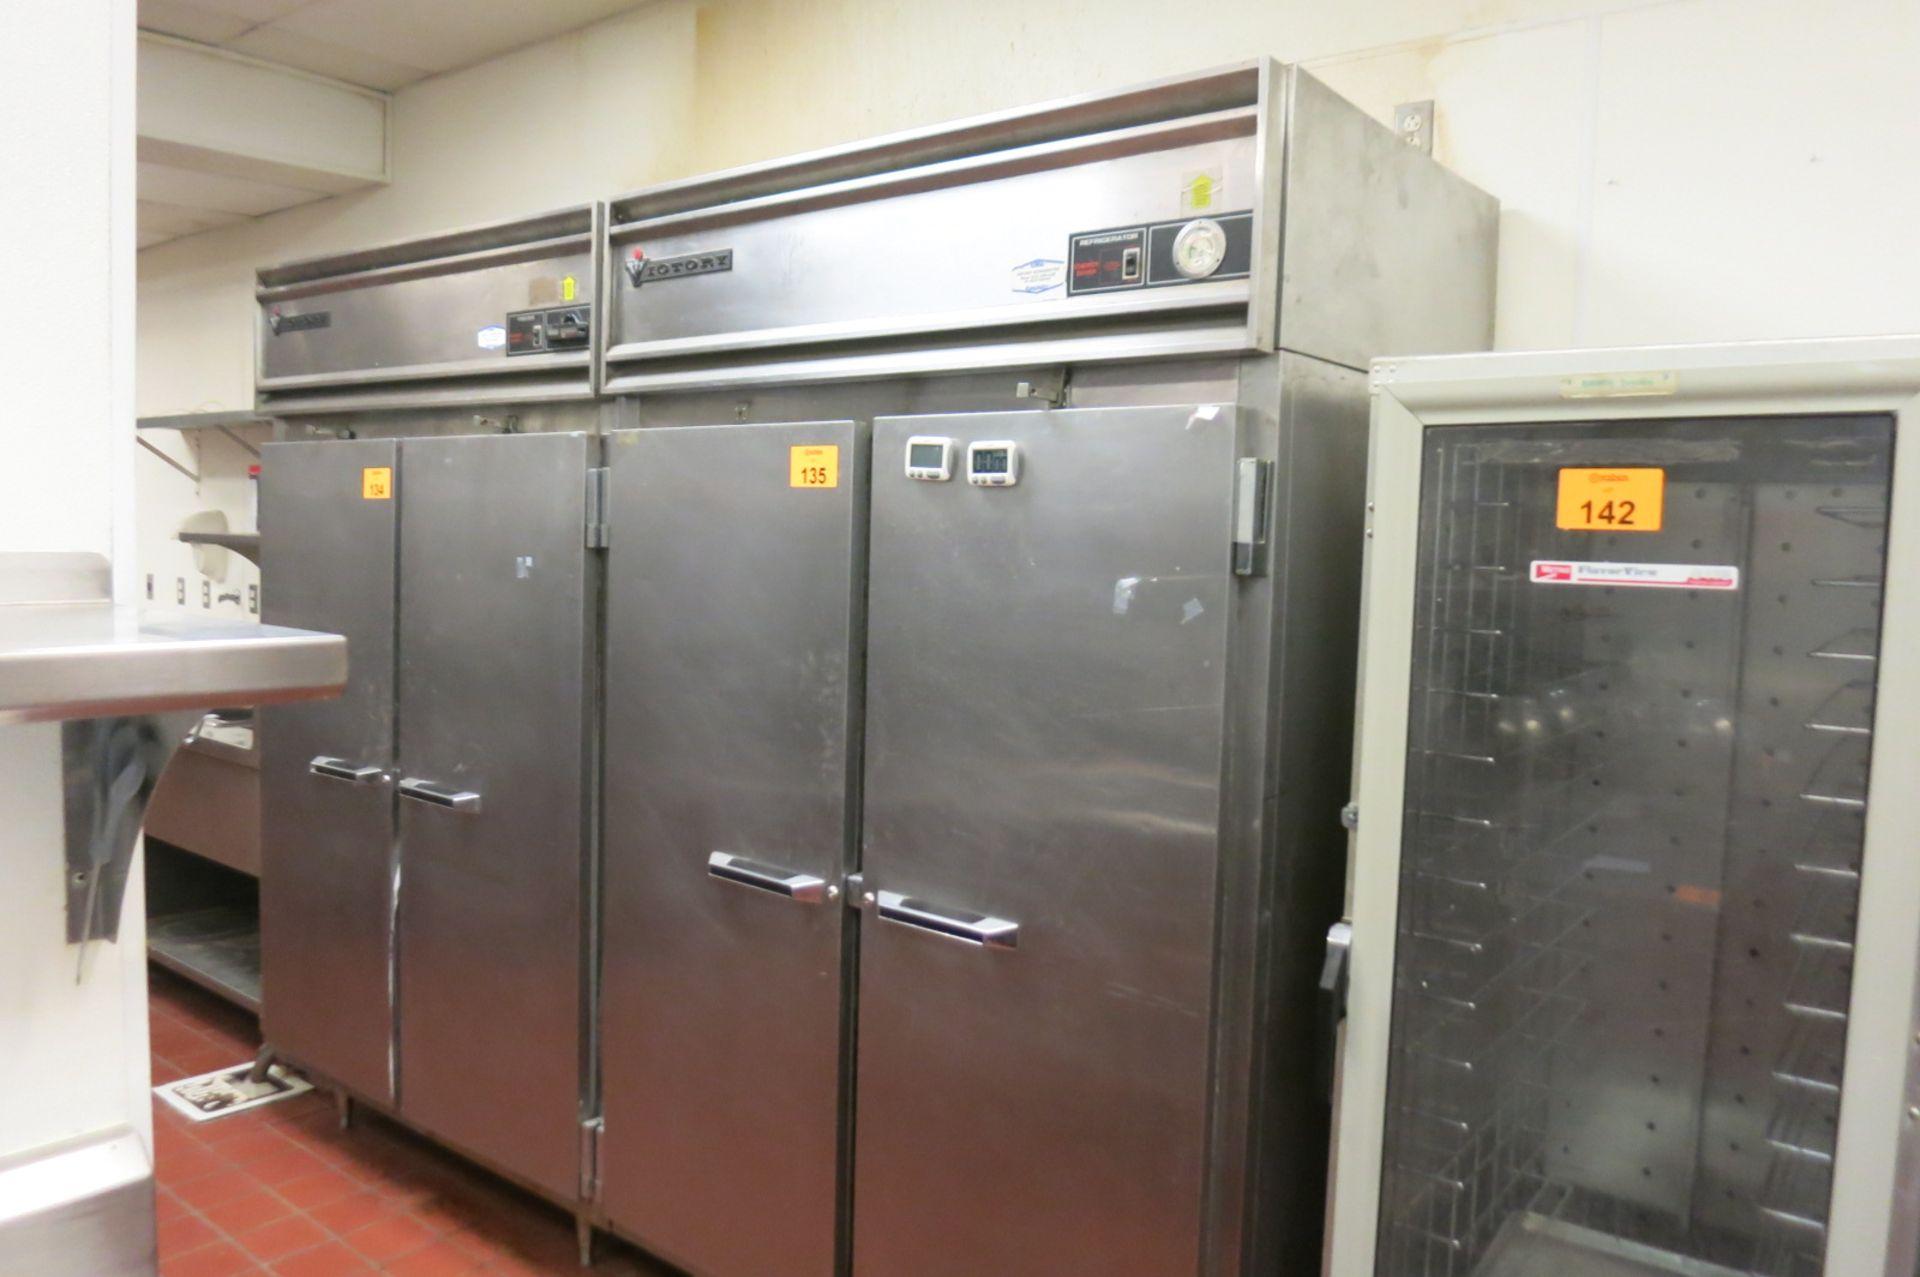 Double Door Refrigerator - Image 2 of 2